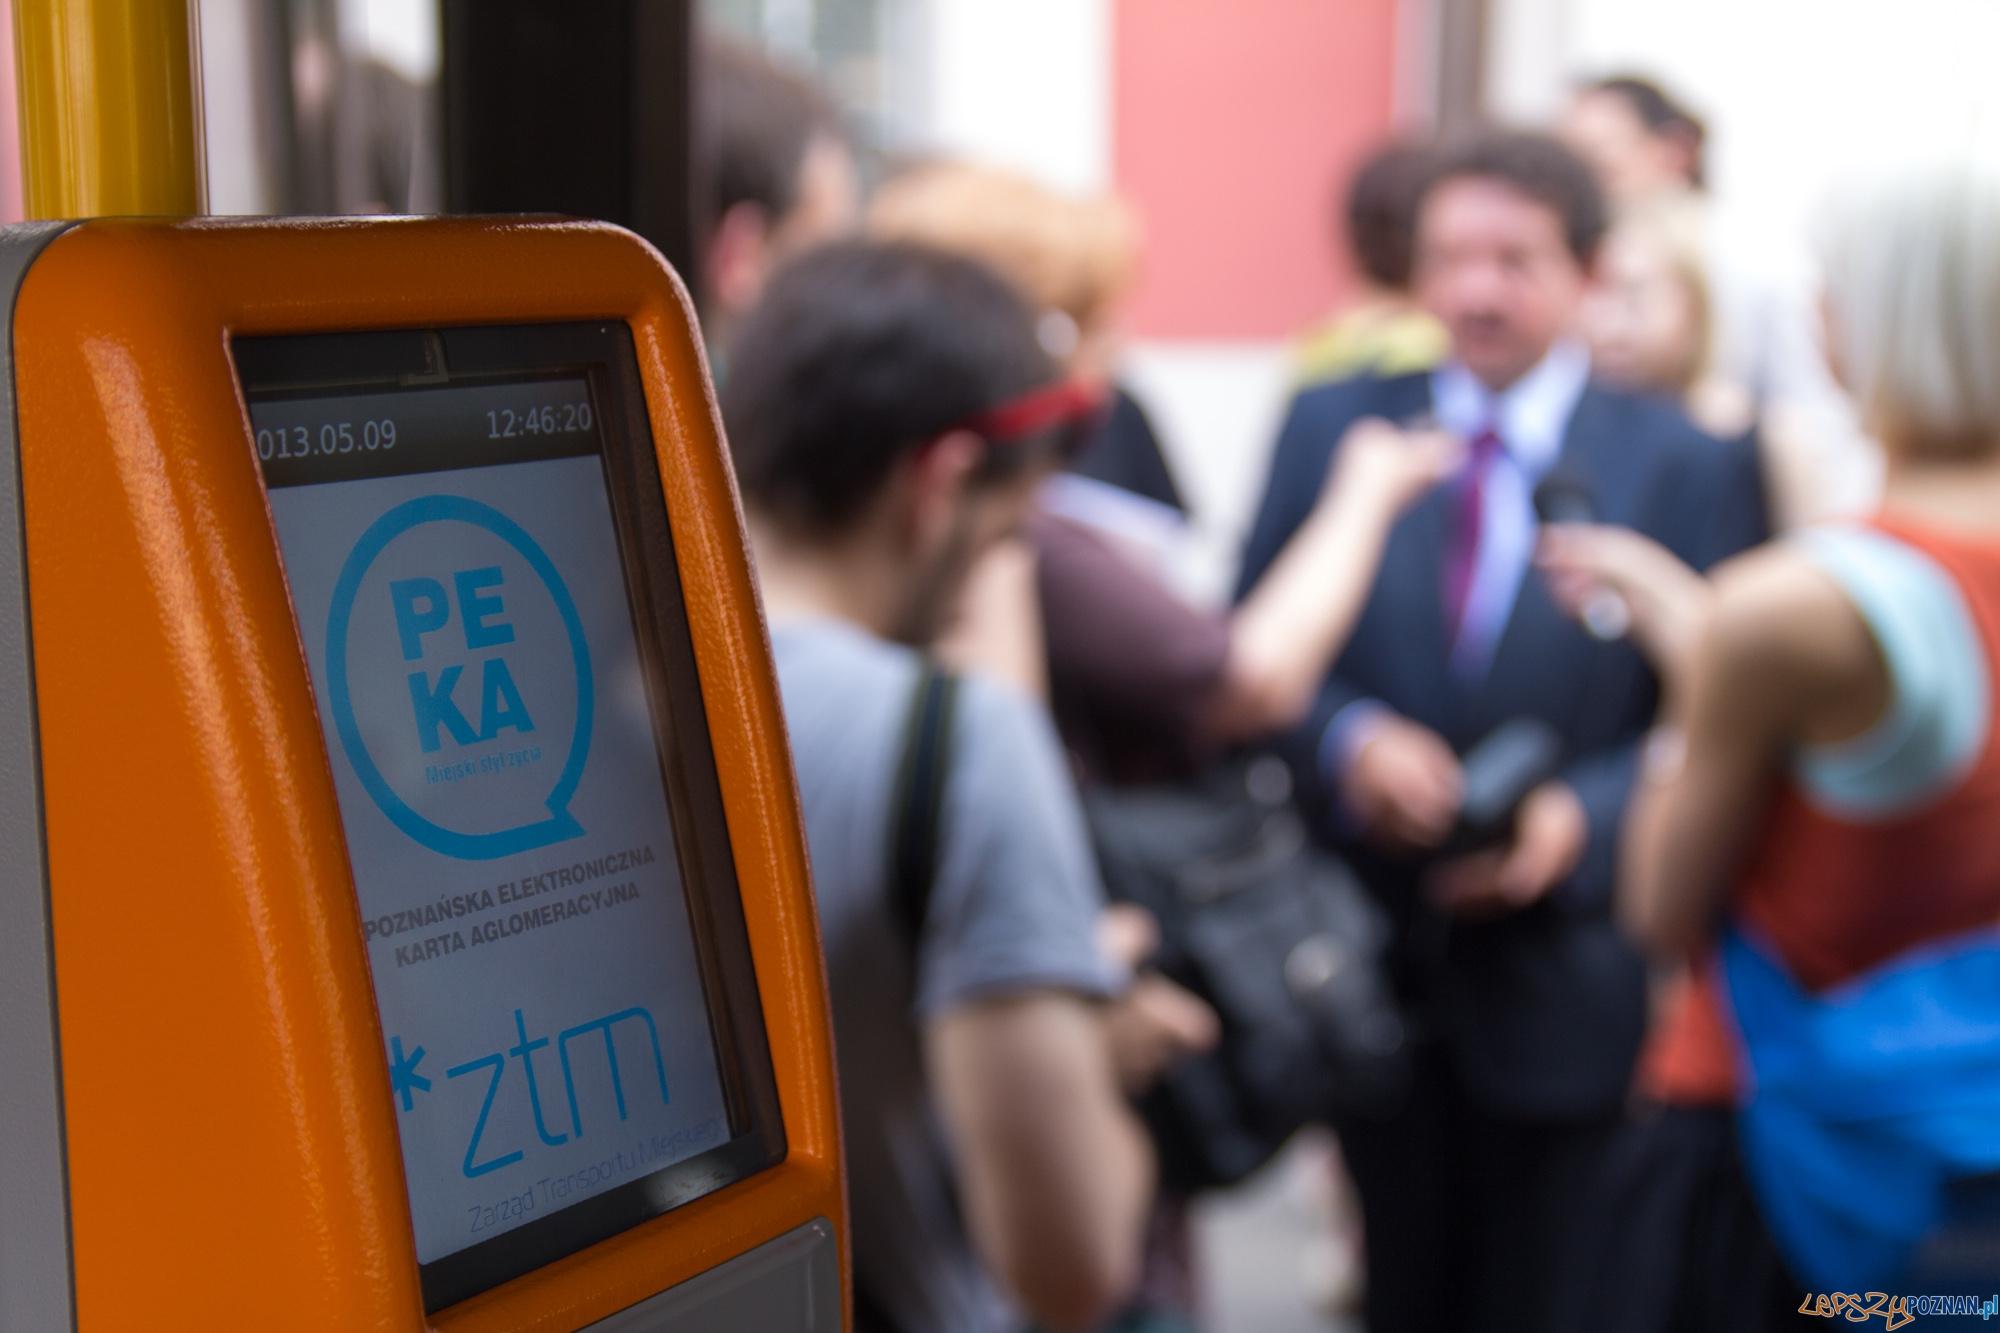 Czytnik systemu PEKA, w tle Dyrektor ZTM Bogusław Bajoński  Foto: lepszyPOZNAN.pl / Piotr Rychter